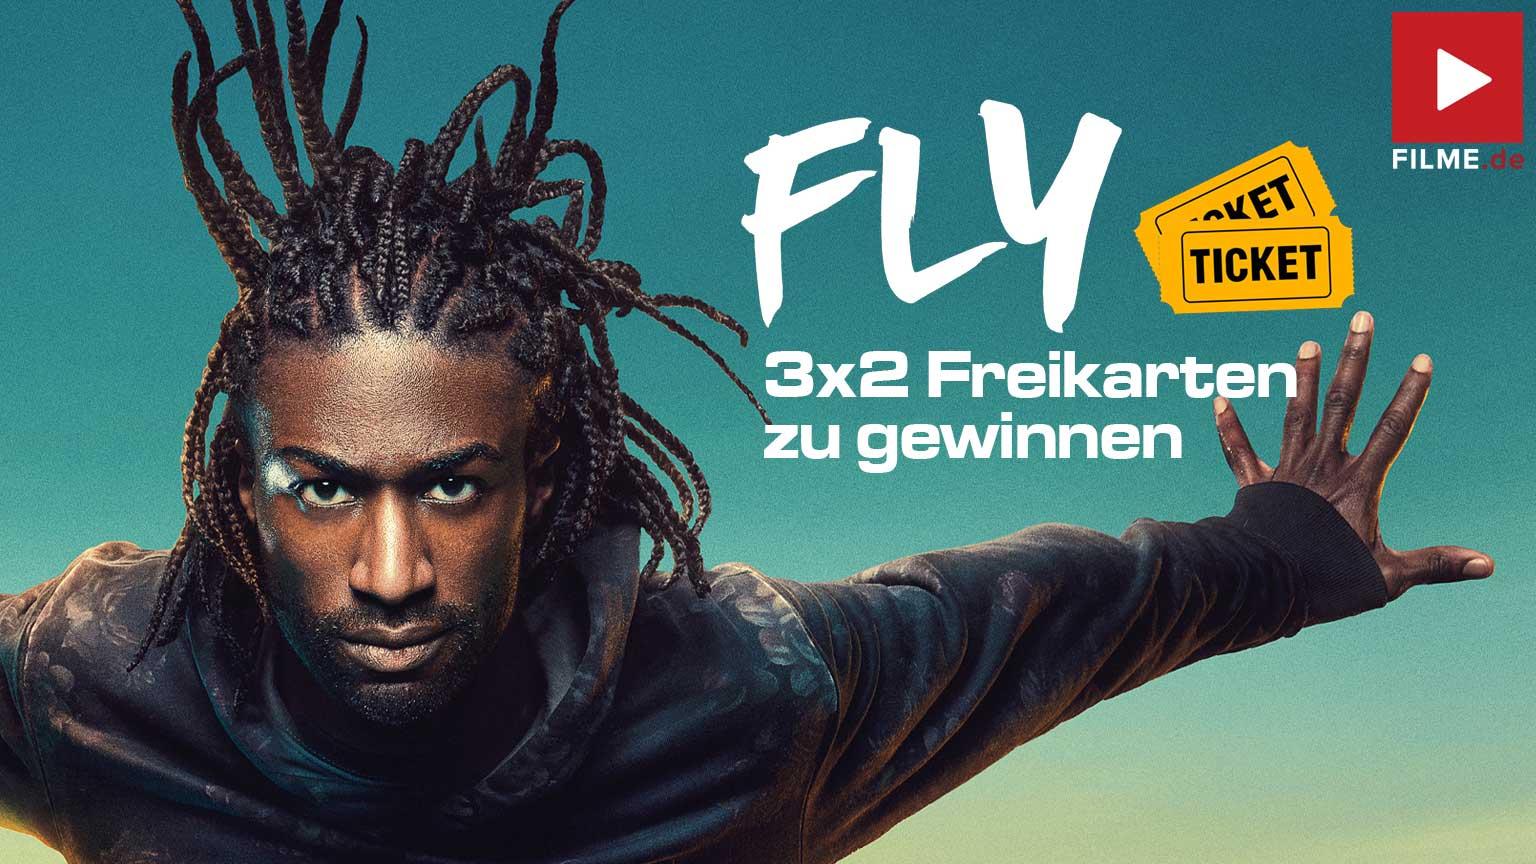 FLY Gewinnspiel gewinnen Kinotickets Trailer Artikelbild